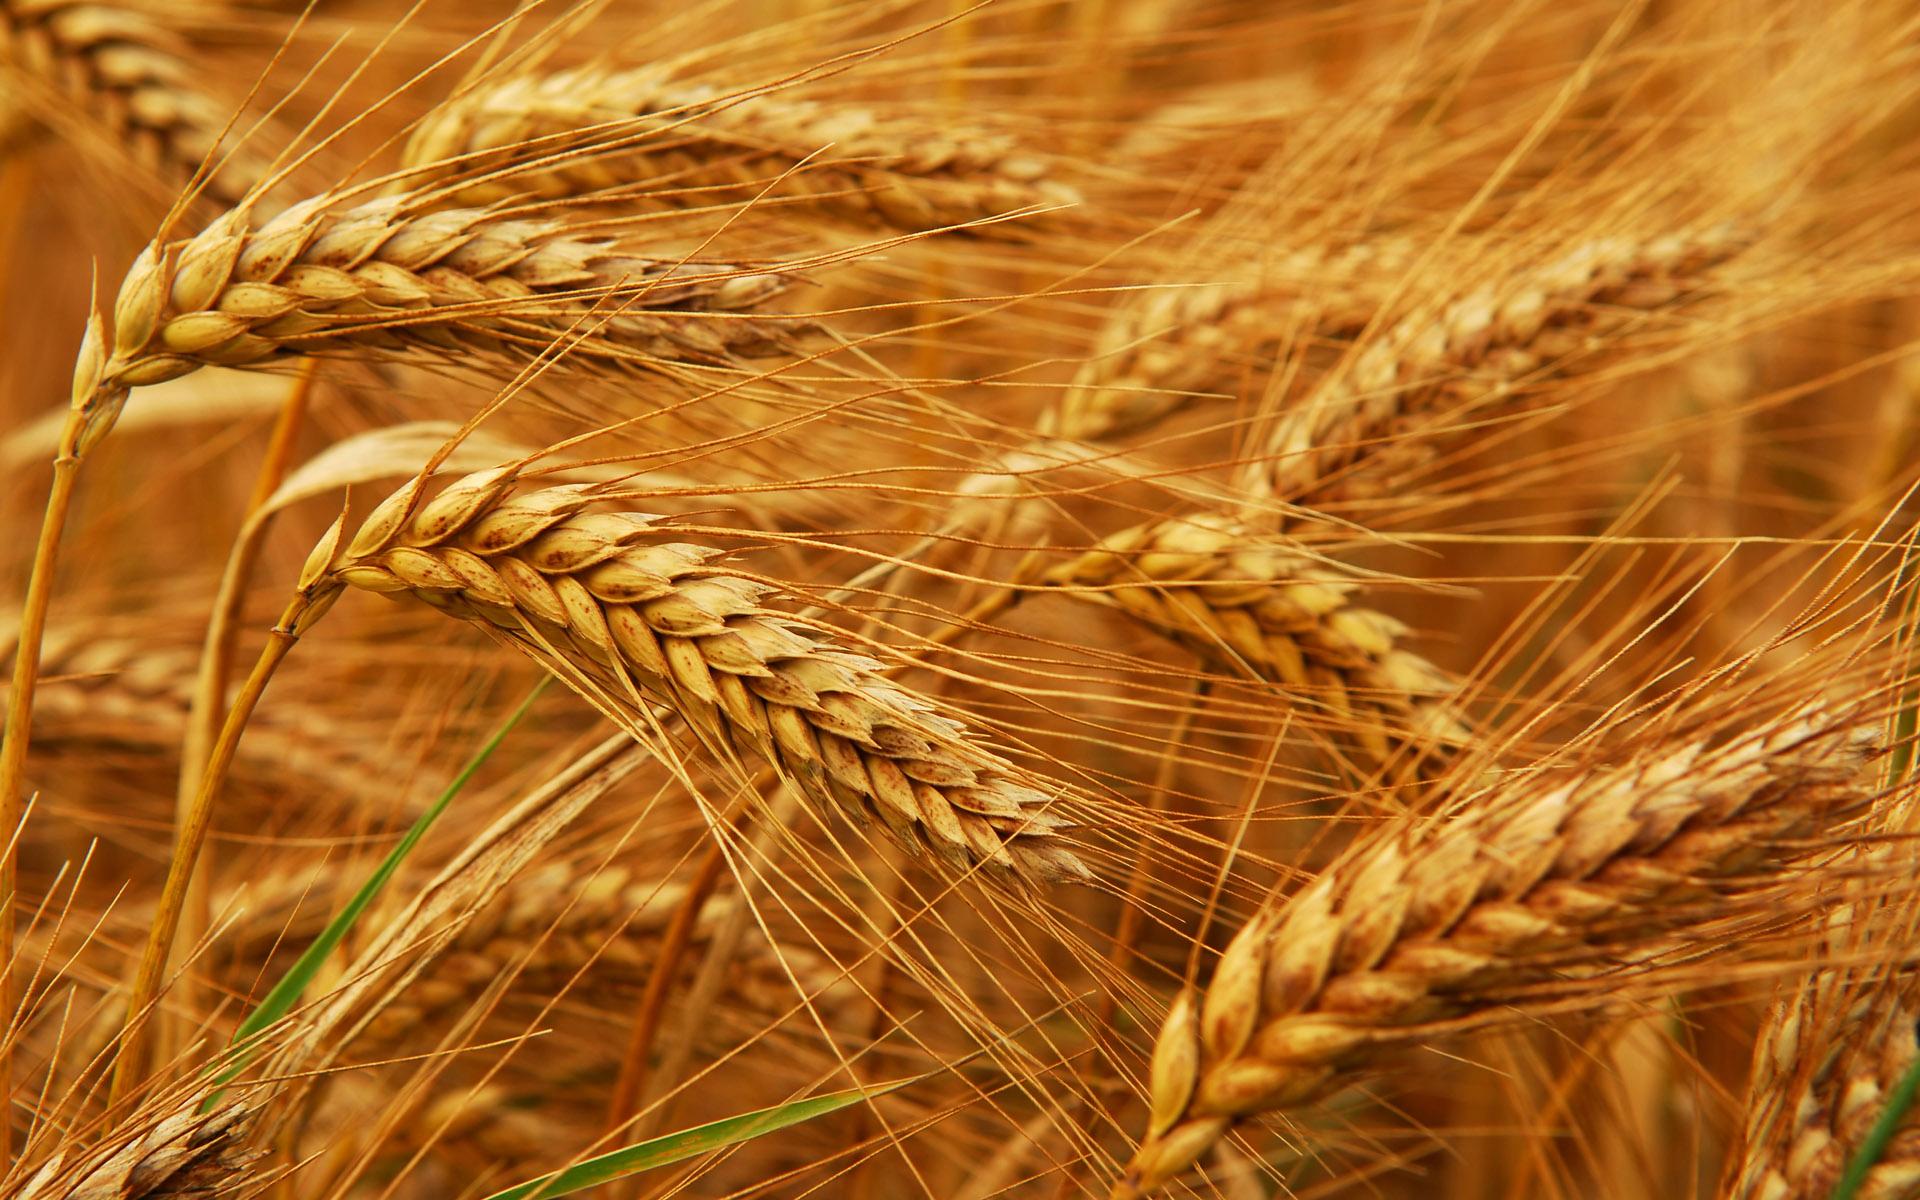 Սերմացու ցորենի բաշխման գործընթացում չարաշահումների նոր դեպքեր են բացահայտվել. հարուցվել են քրեական գործեր